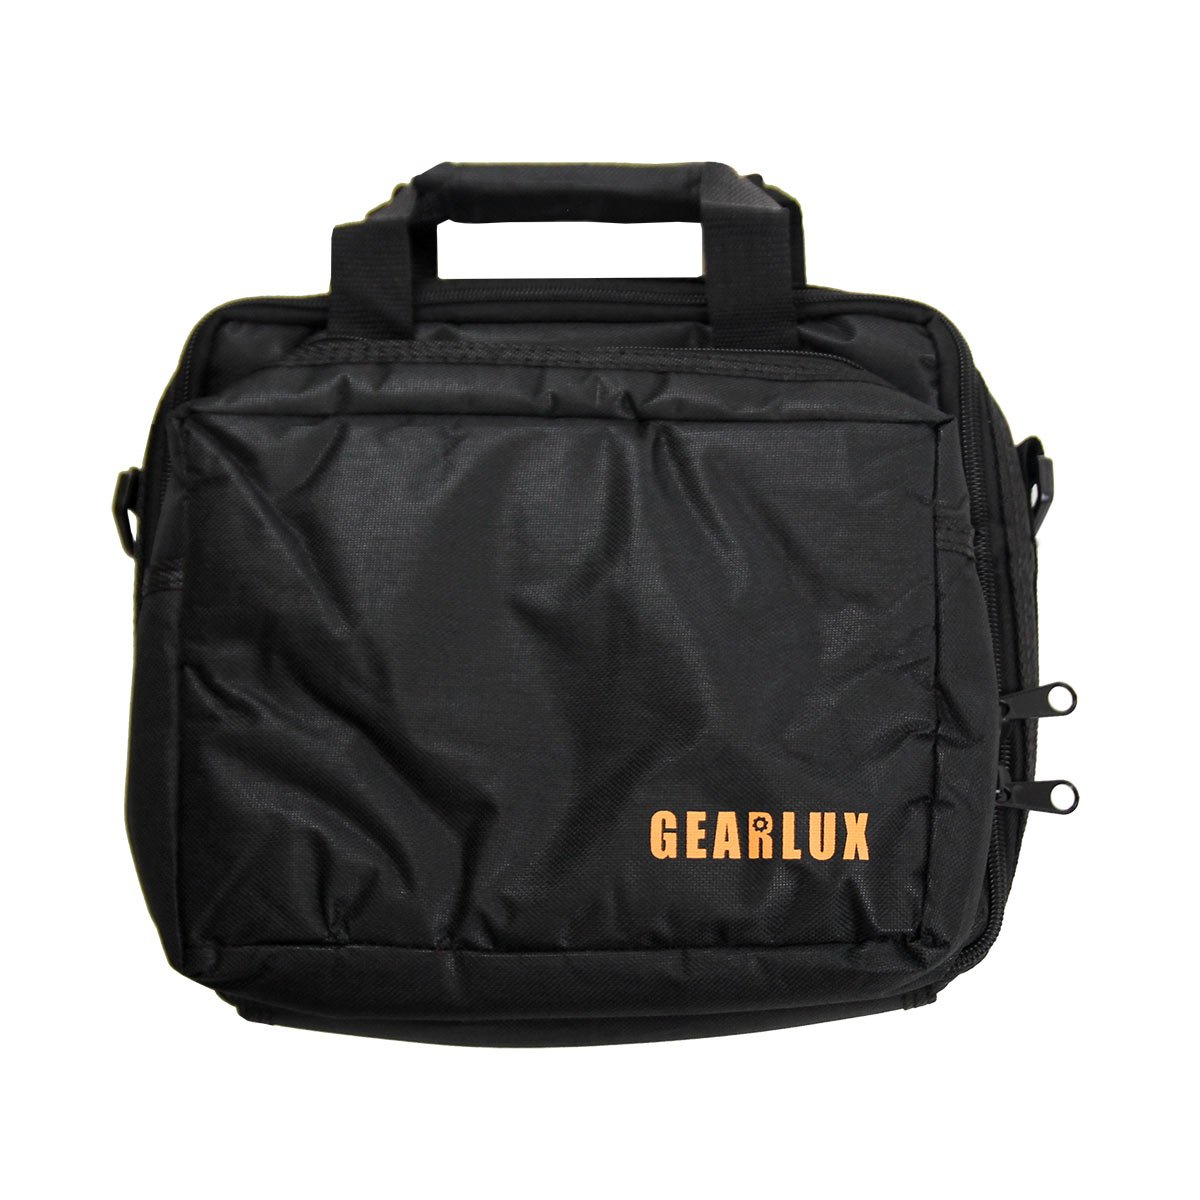 Gearlux Microphone Bag